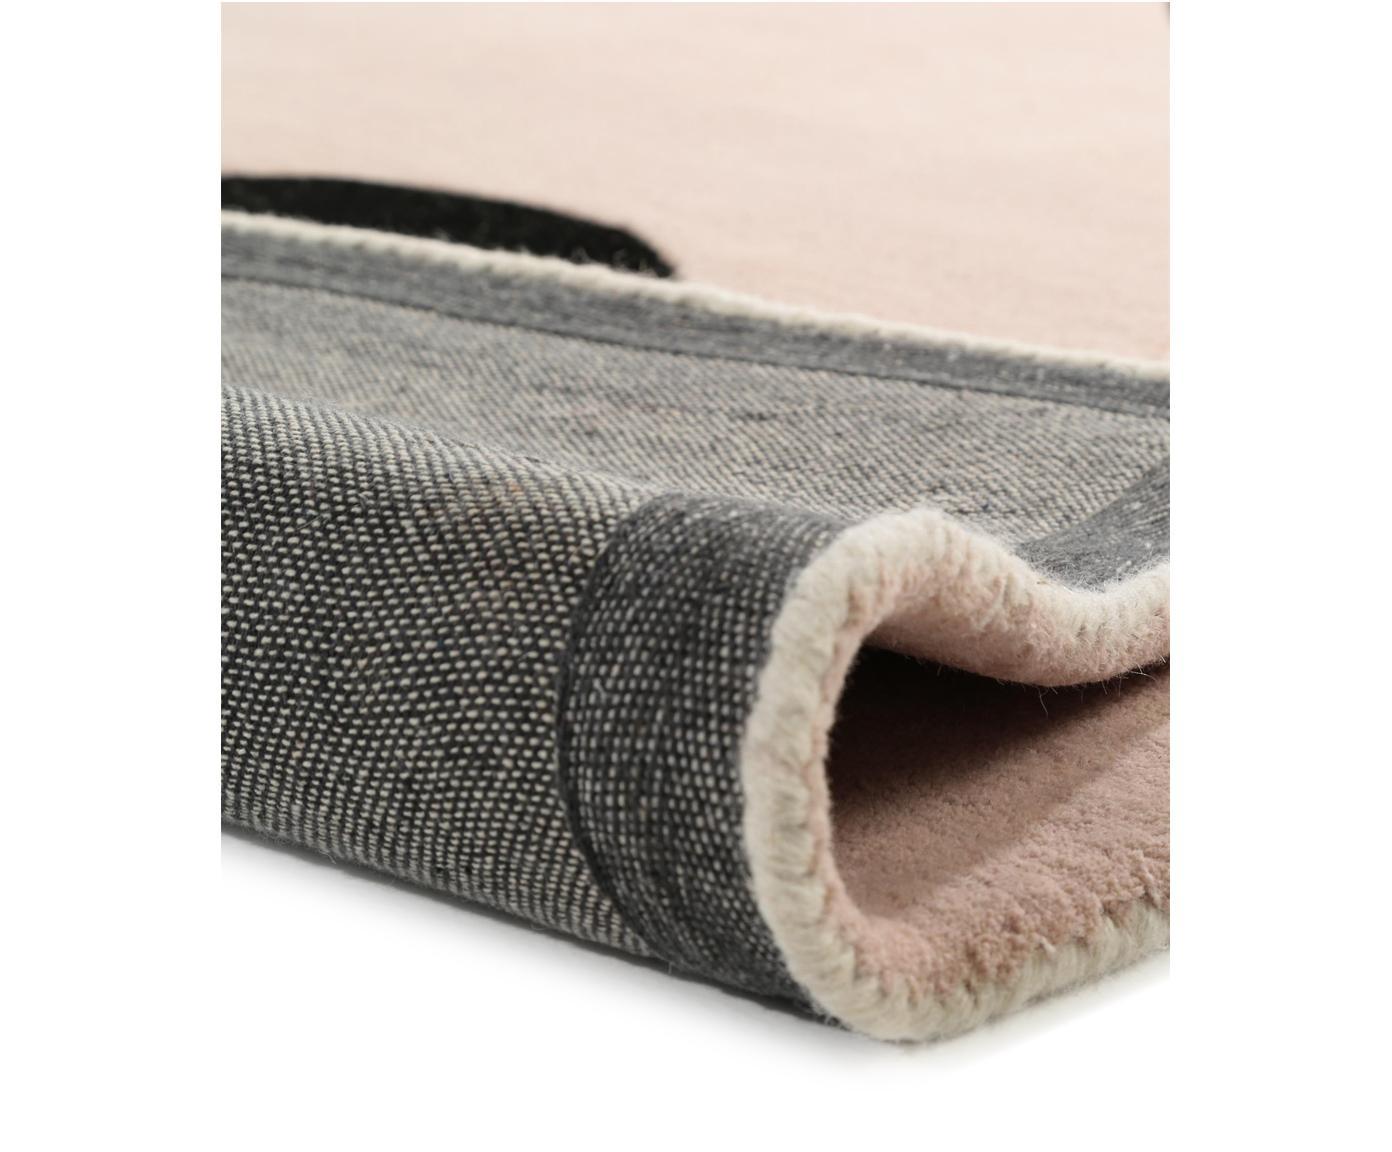 Ręcznie tuftowany dywan z wełny Matrix Arc, Odcienie beżowego, blady różowy, jasny szary, czarny, S 200 x D 300 cm (rozmiar: L)